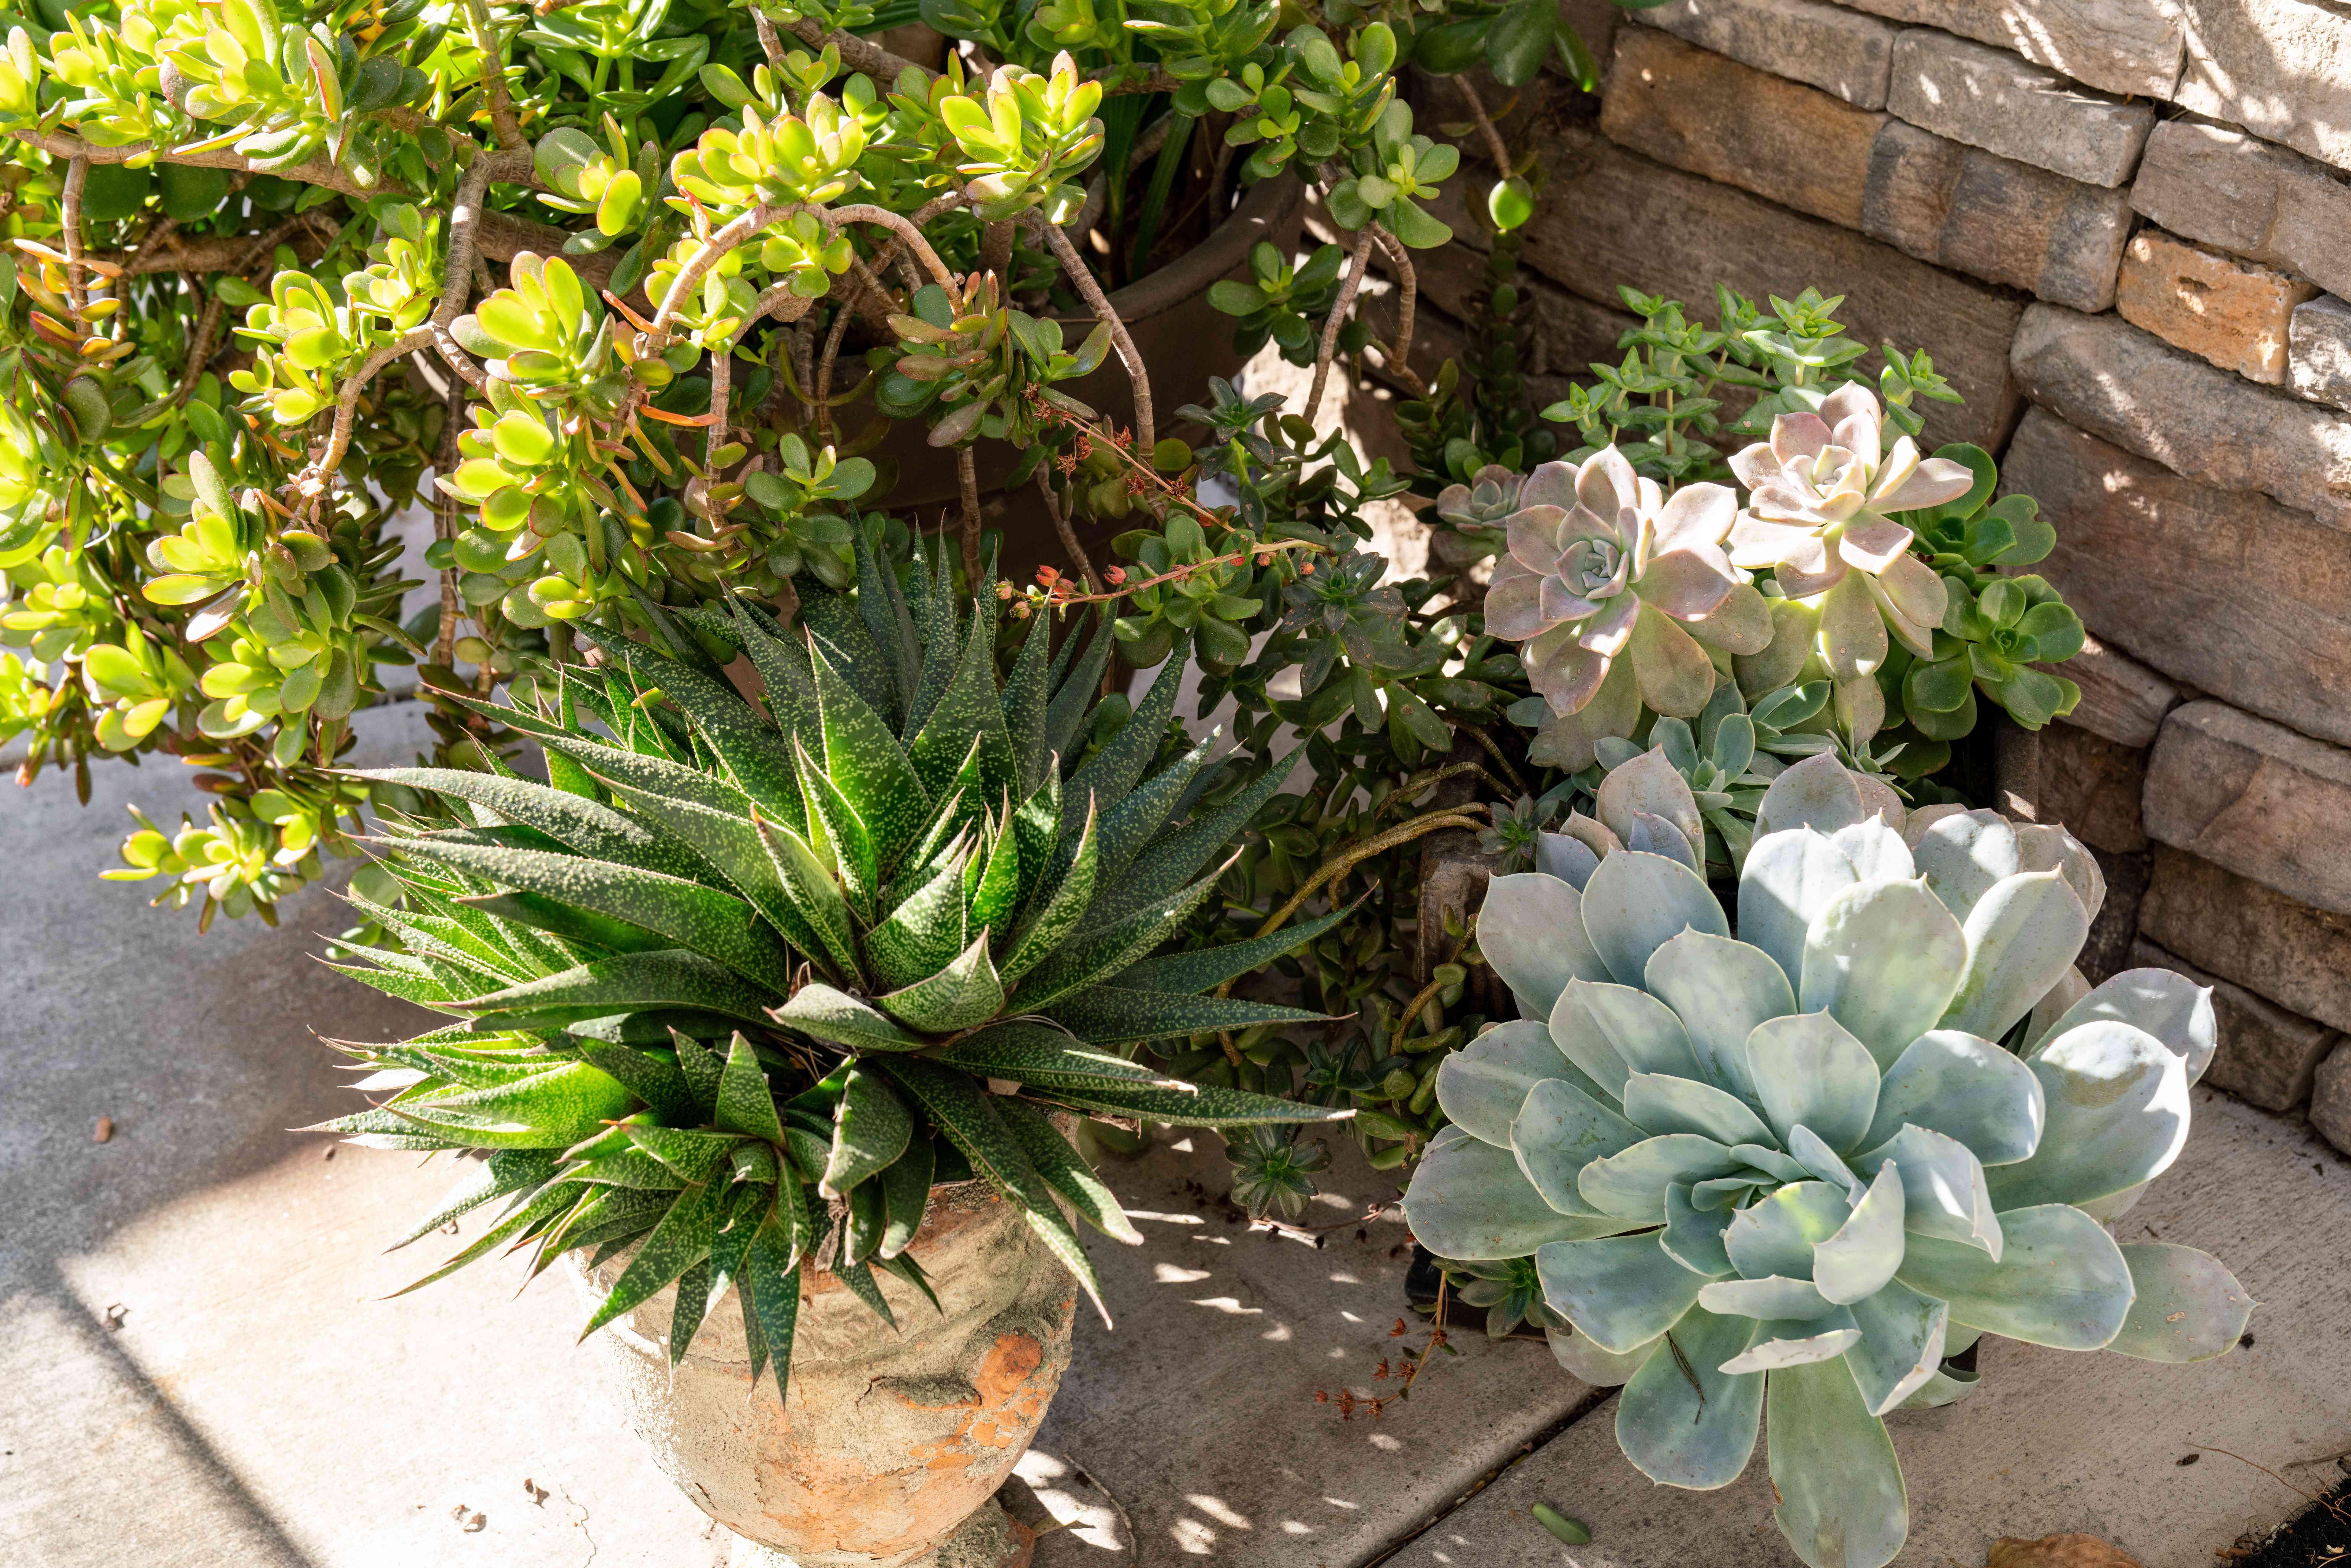 Free garden plants in pots sitting outside be taken